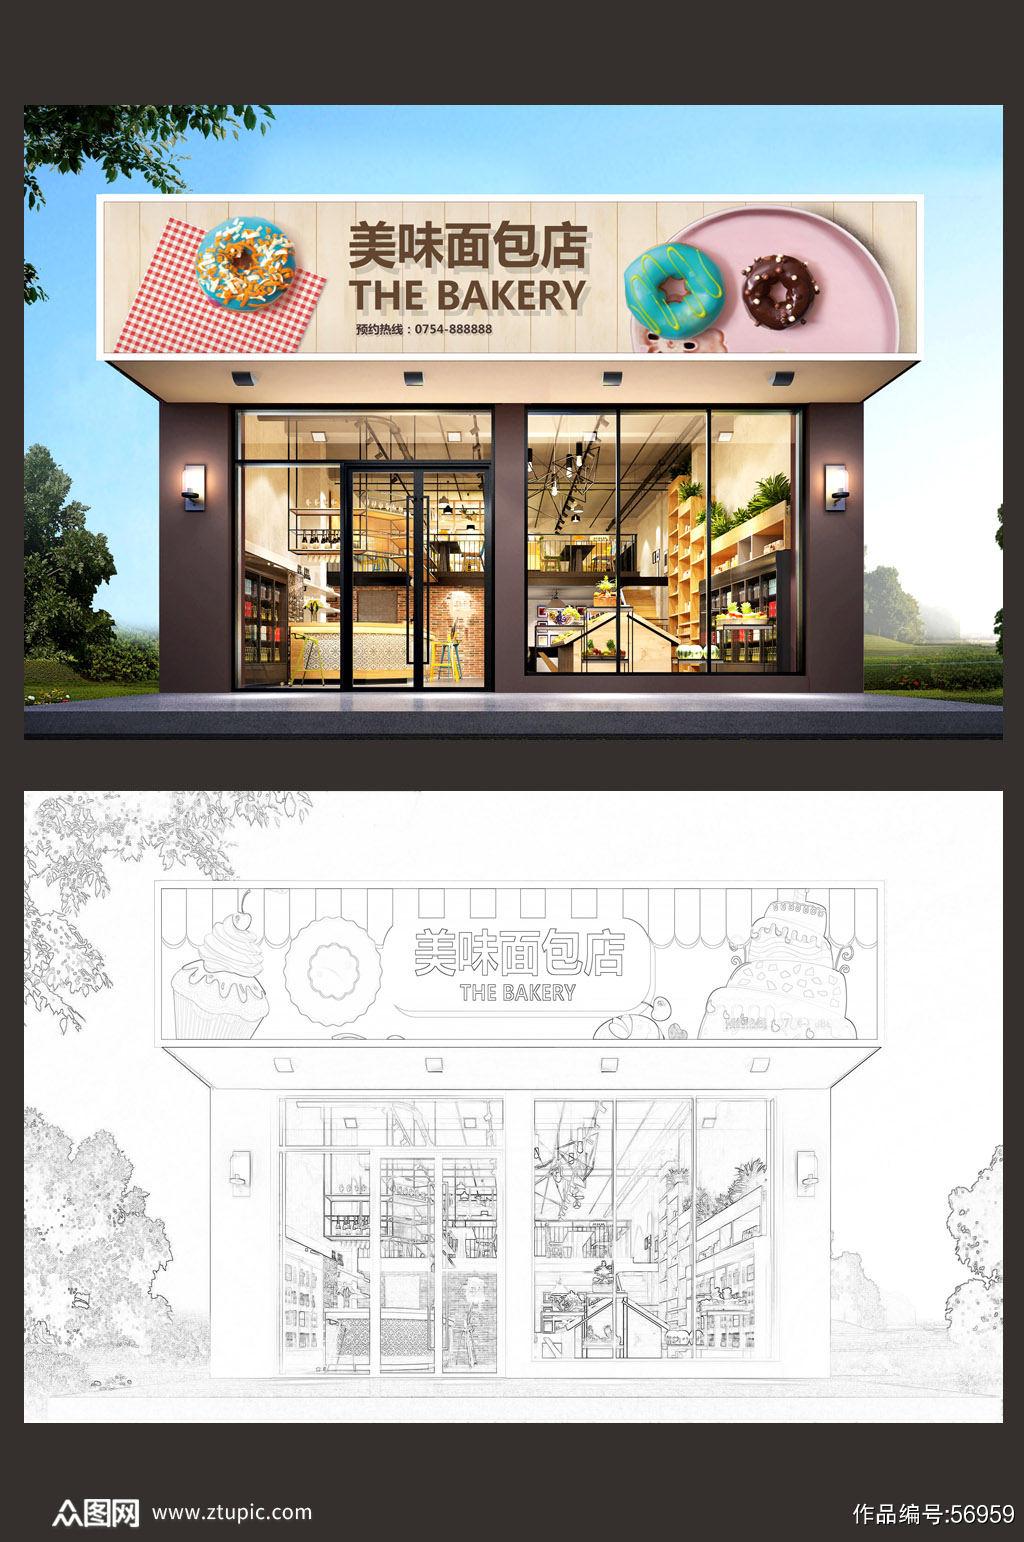 高档面包店蛋糕店门头设计市集门头素材